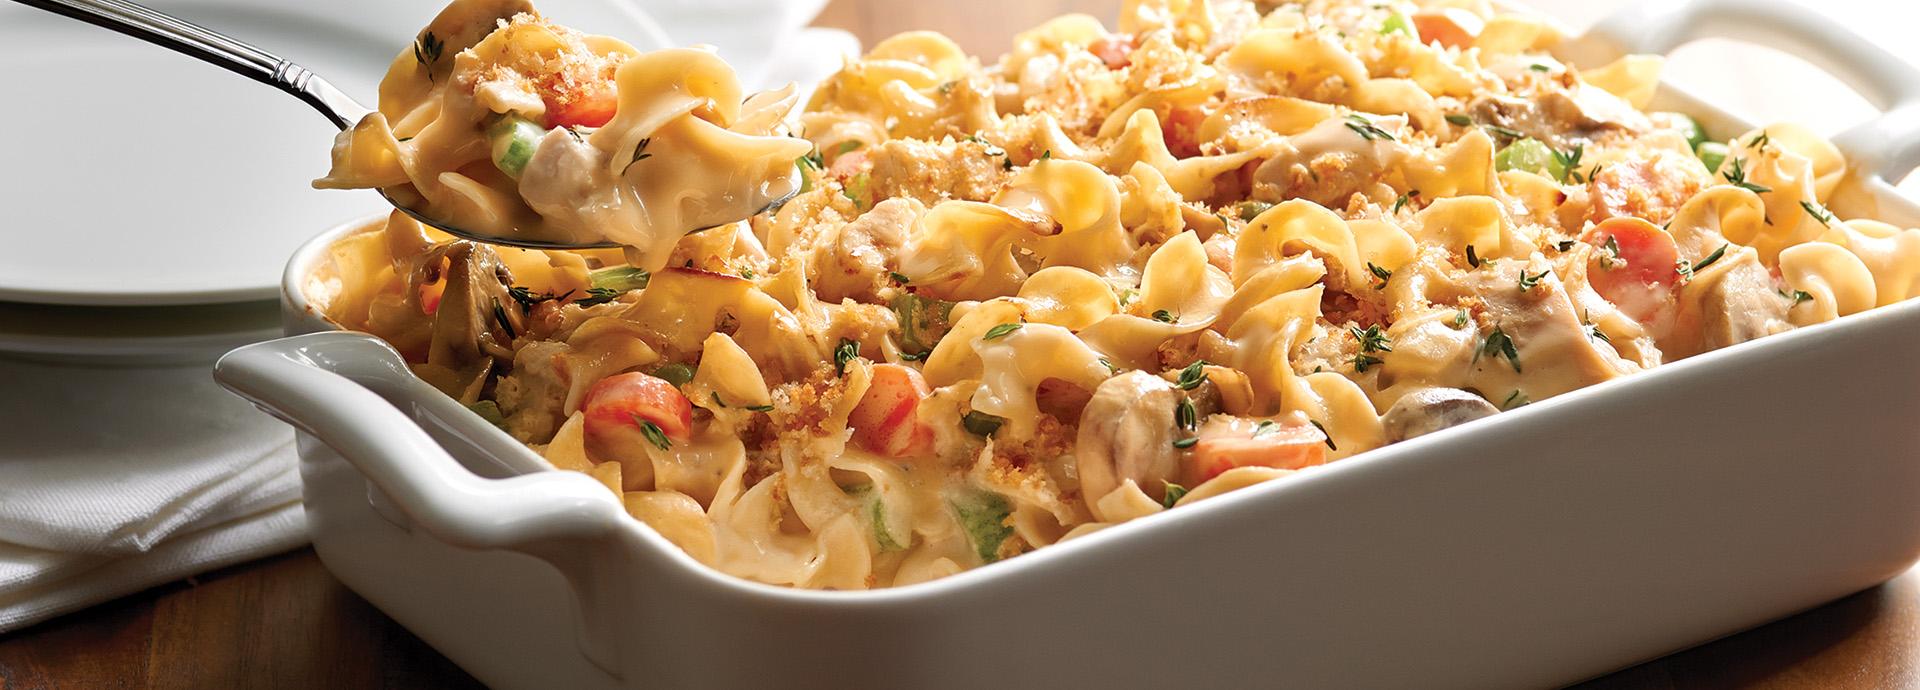 No Yolks 174 Creamy Chicken Noodle Casserole